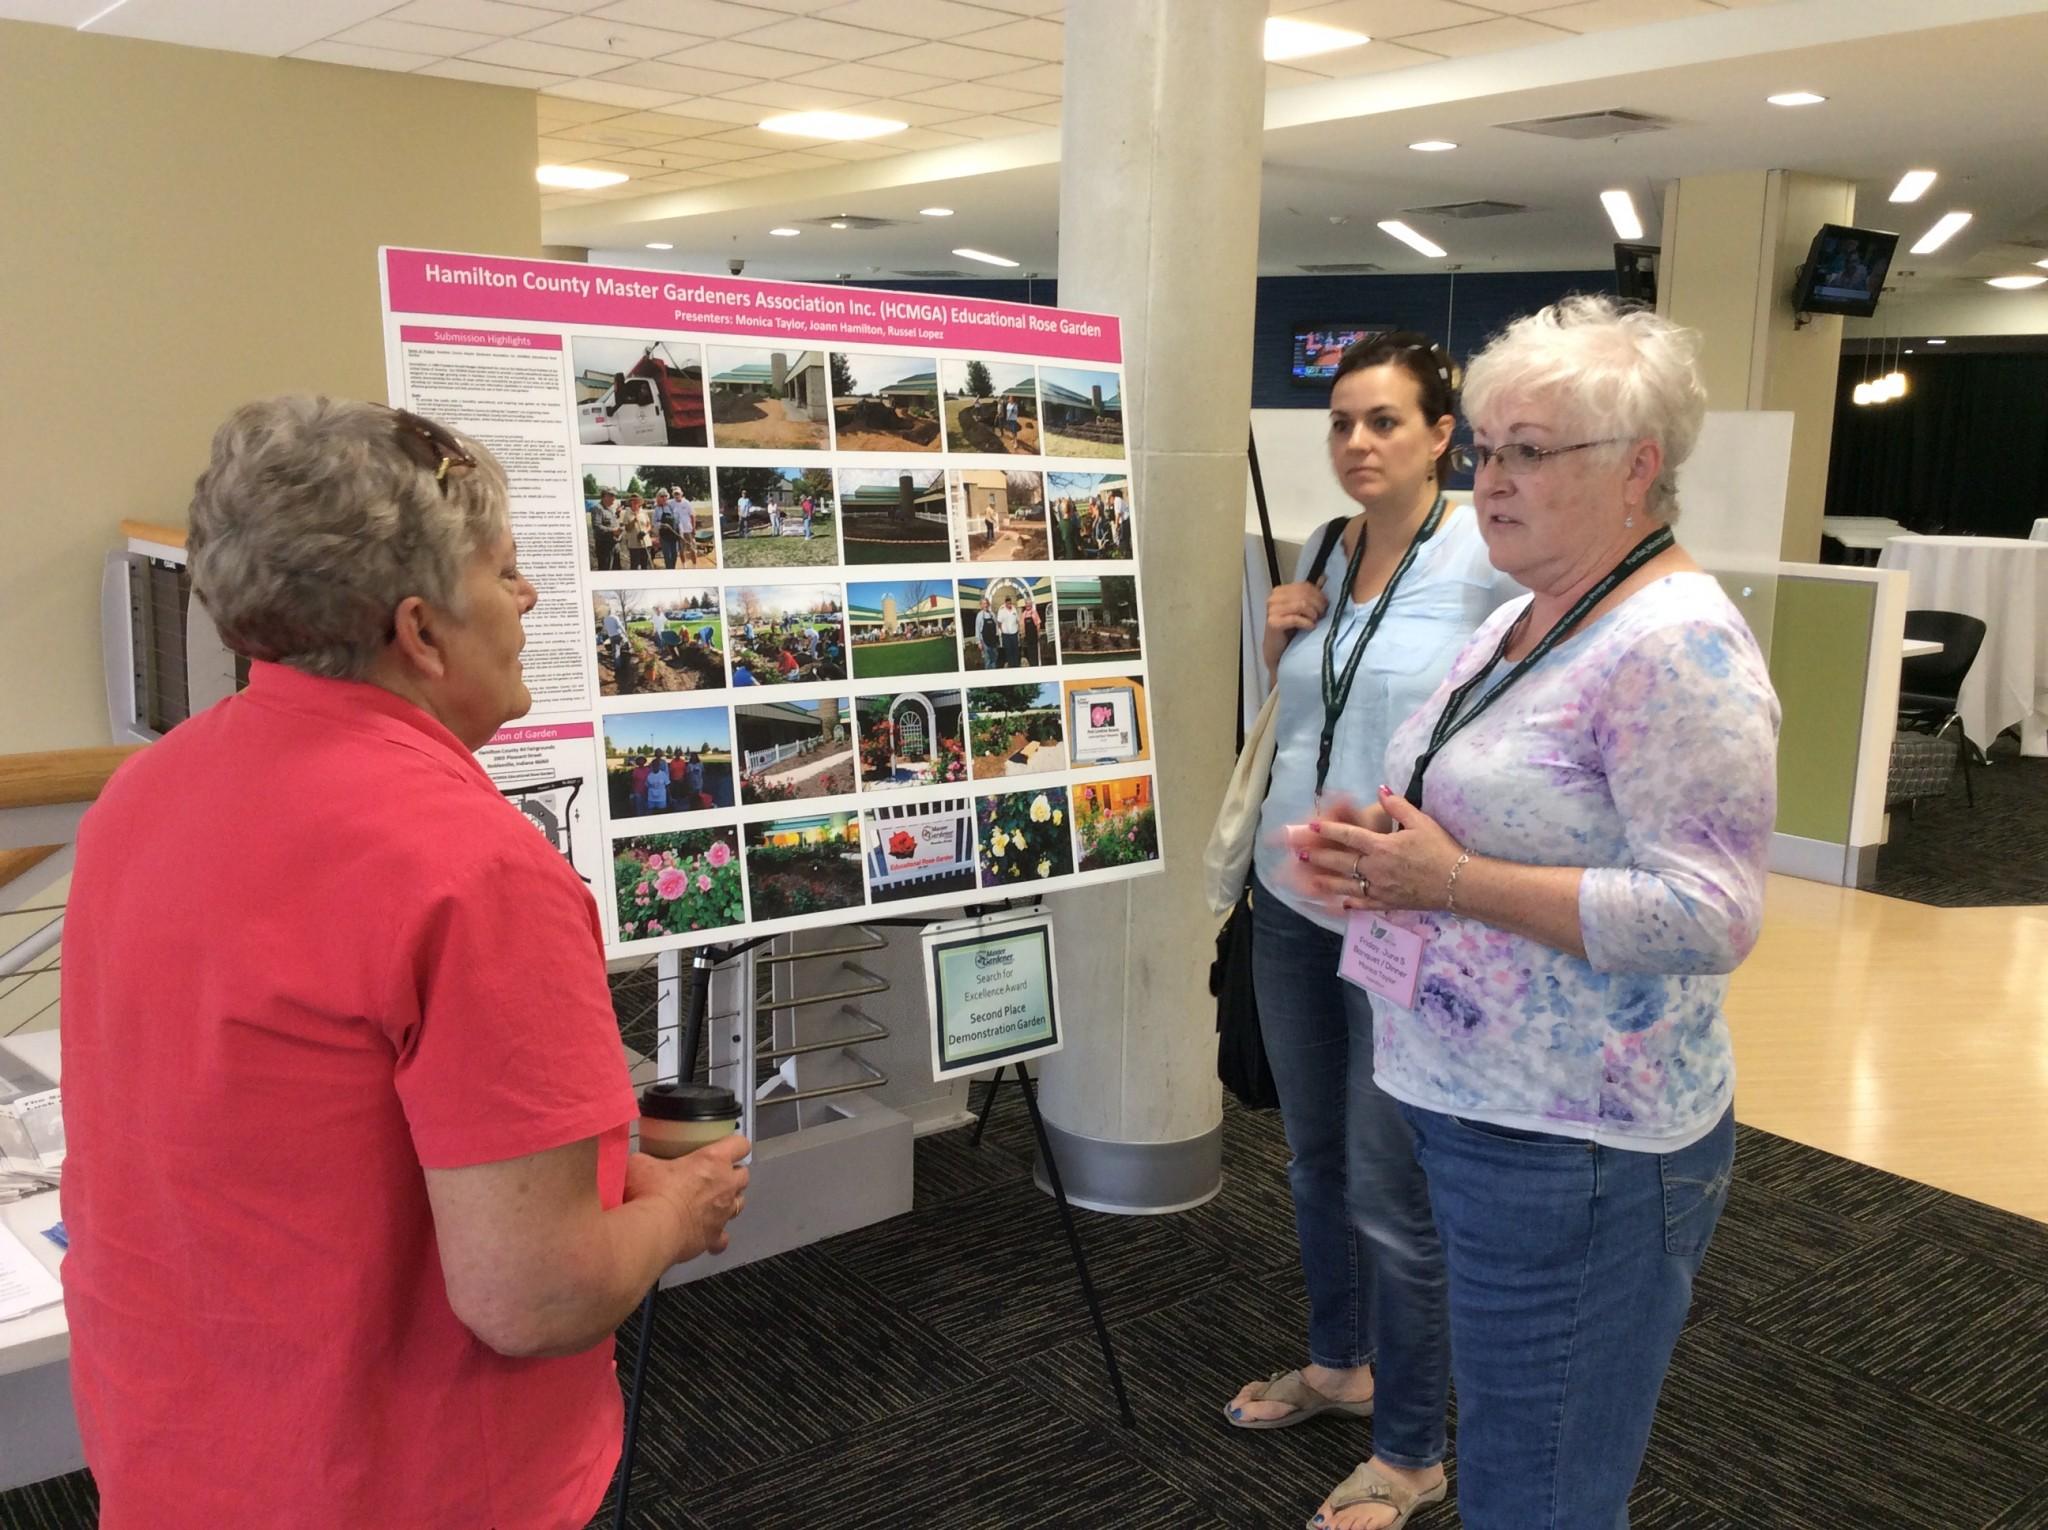 Hendricks County MG education project